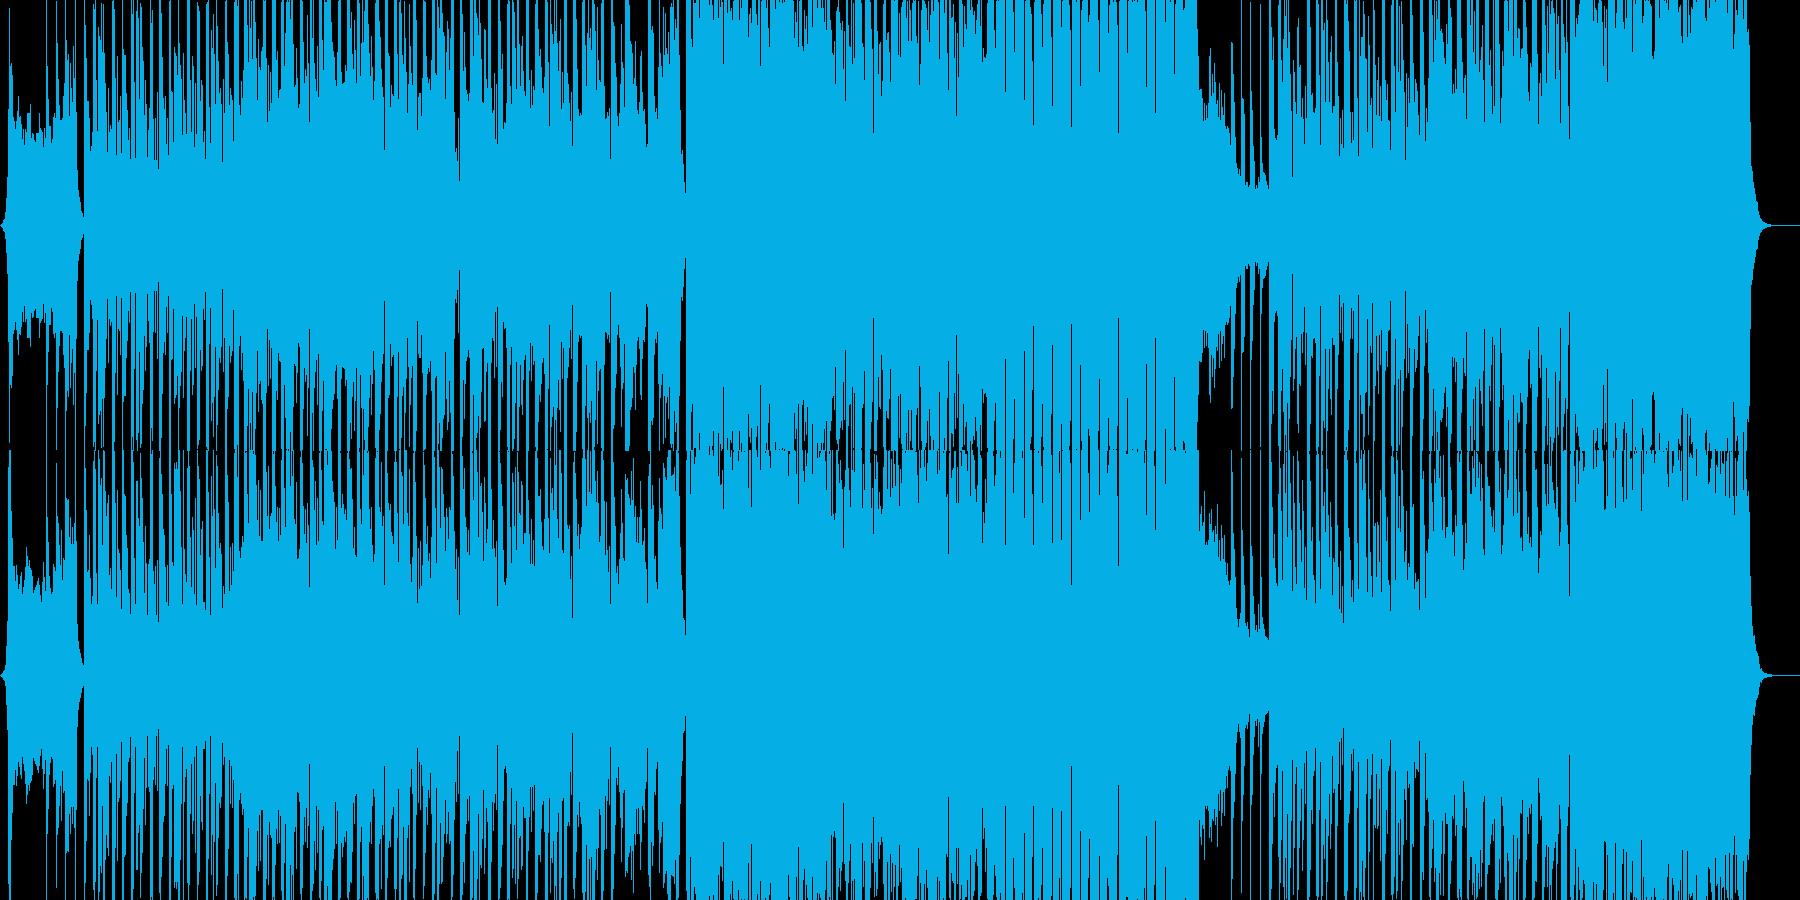 ベートーベン第九よりヒップホップ版の再生済みの波形